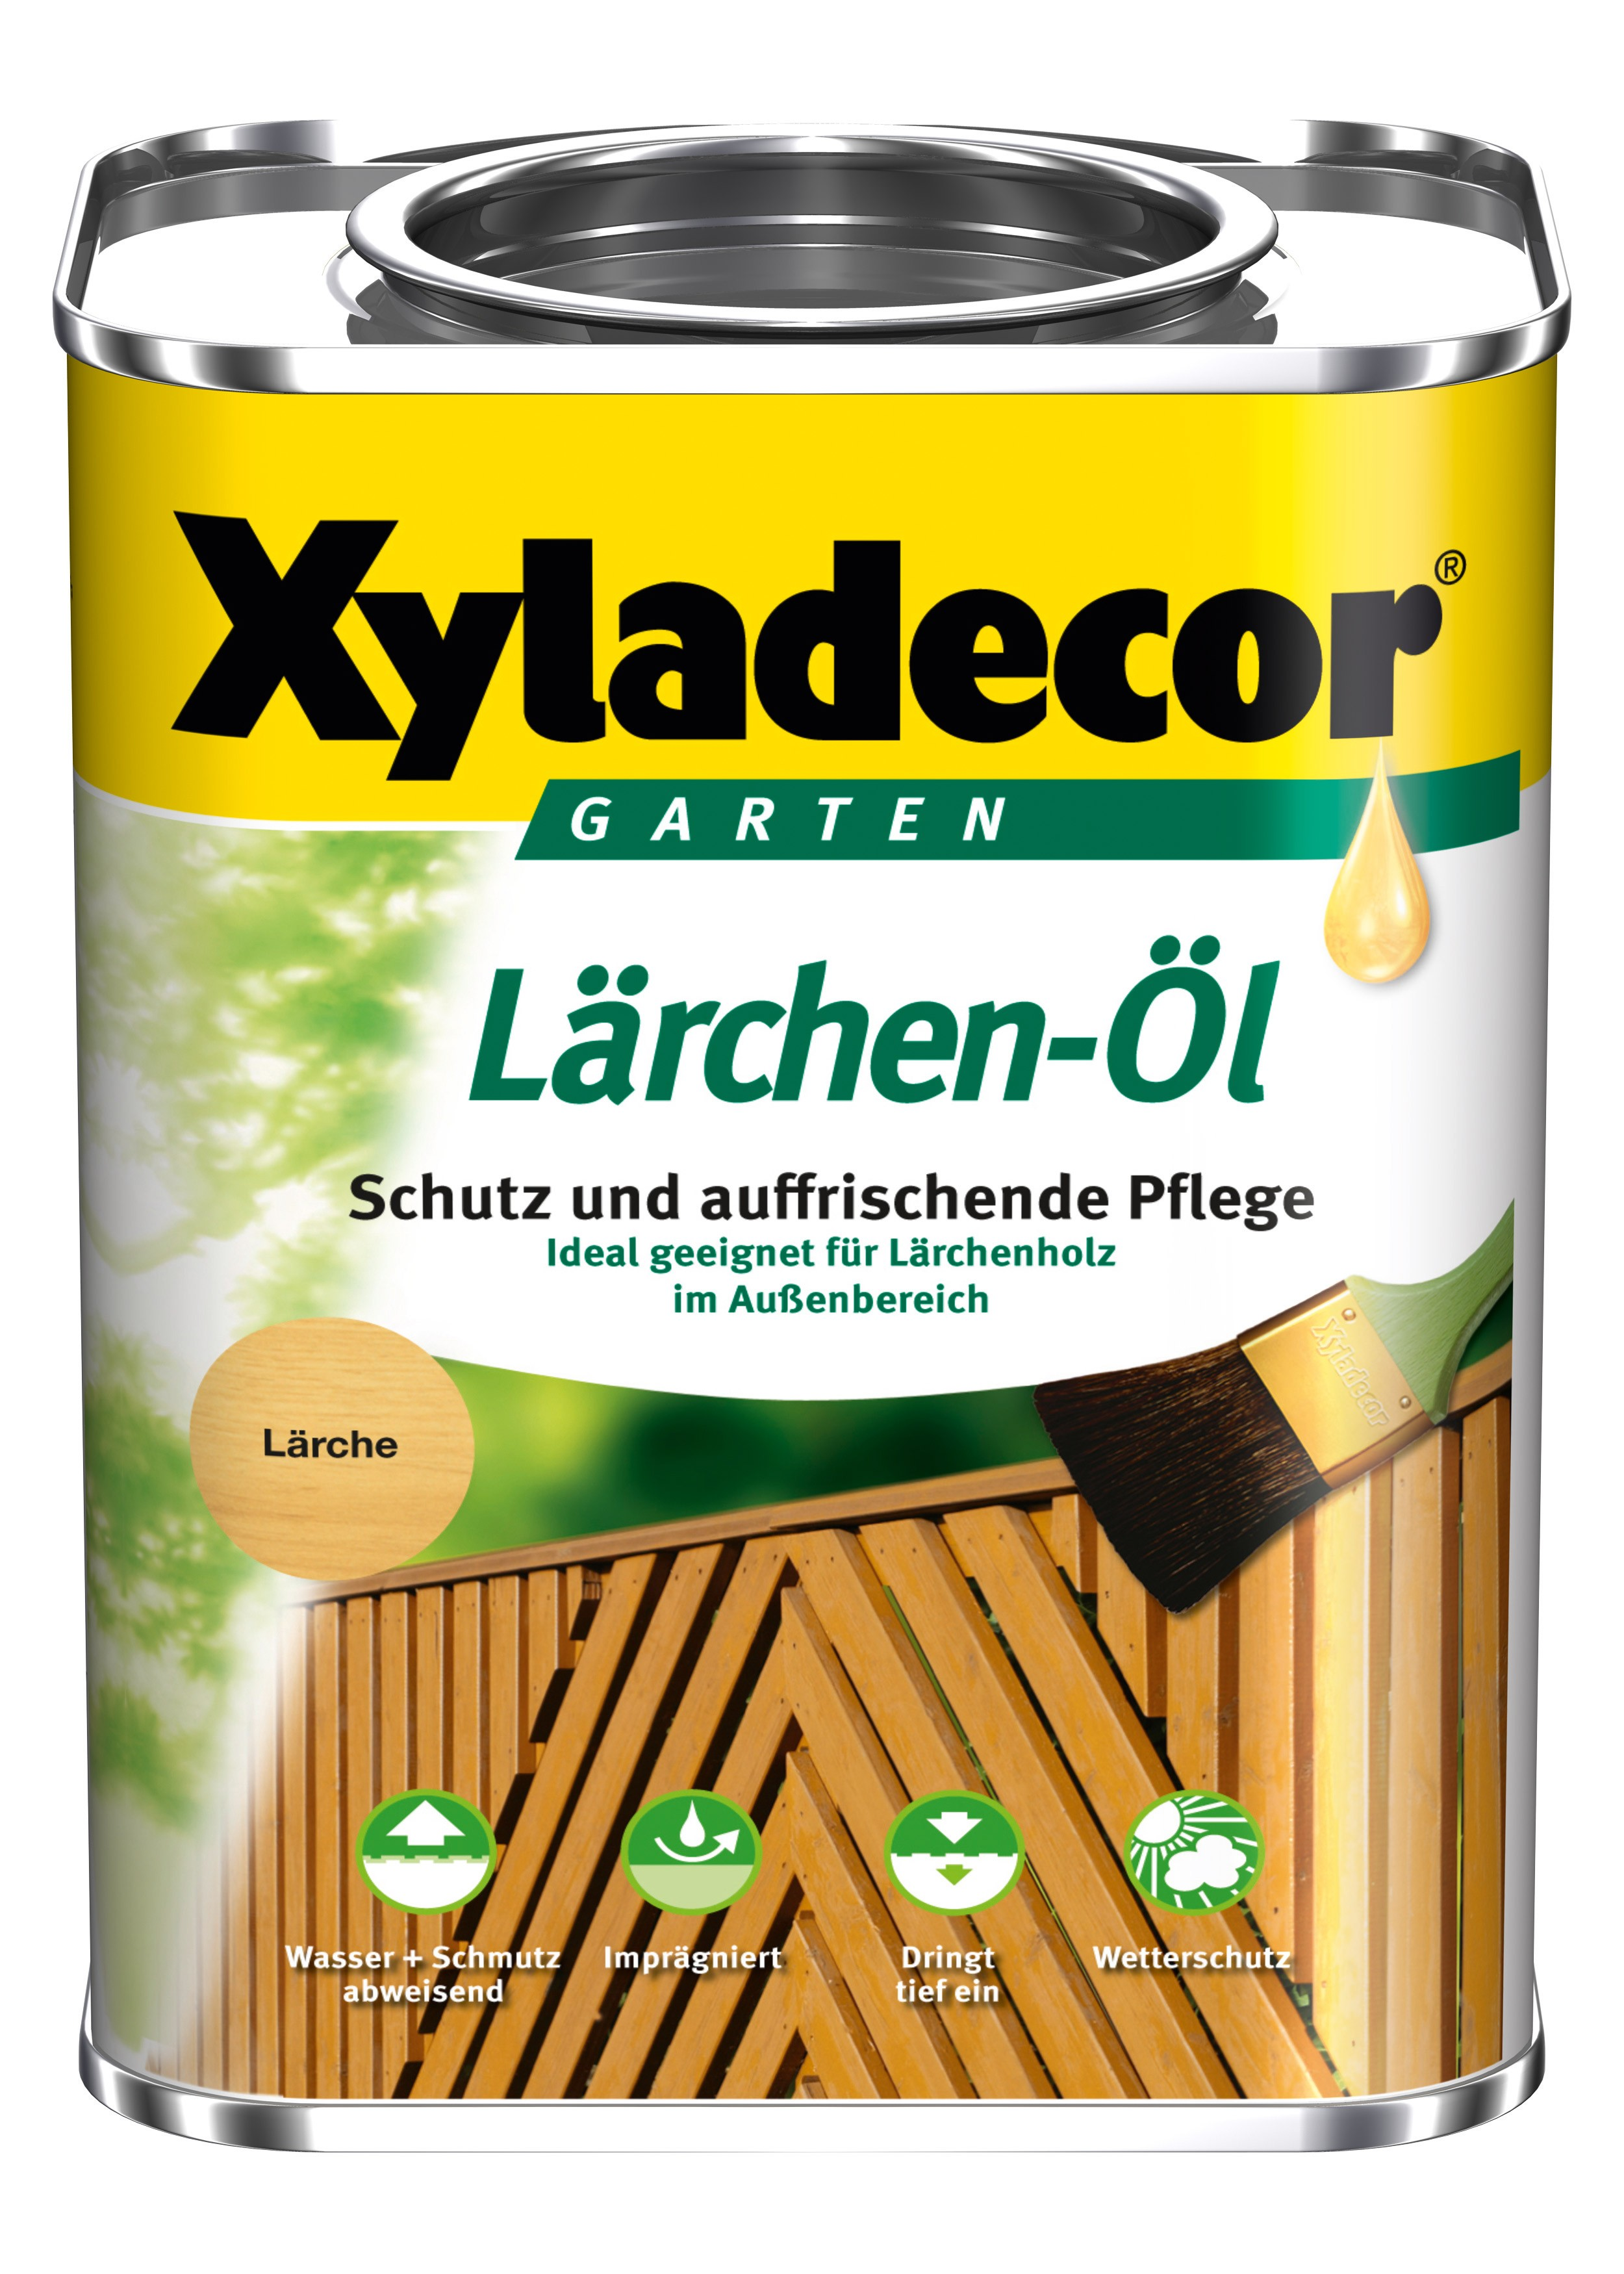 XYLADECOR Lärchen-Öl 0,75 L / Holzpflege / Holzschutz Bild 1